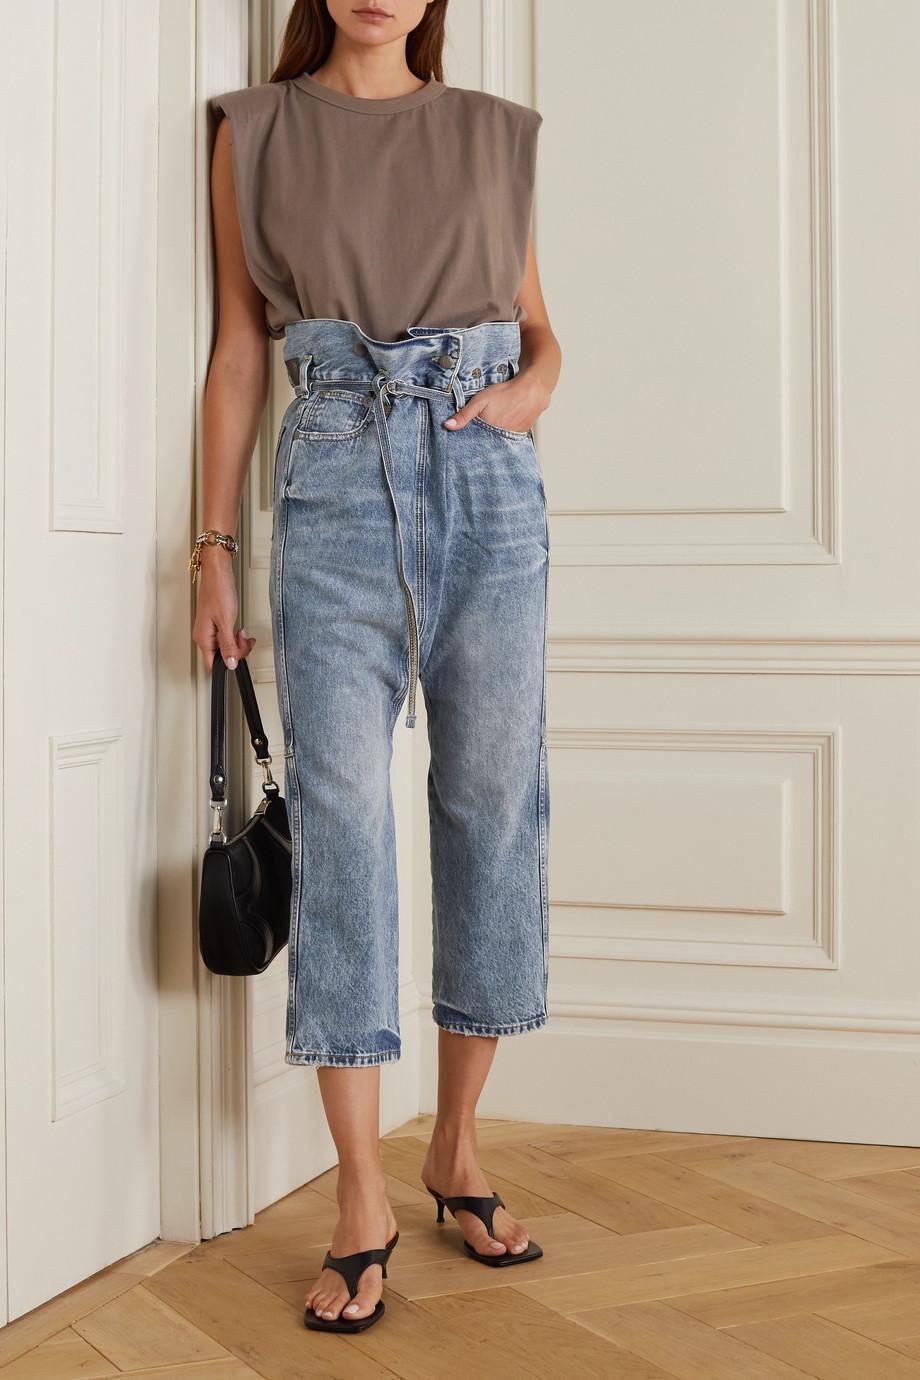 R13 Staley belted boyfriend jeans